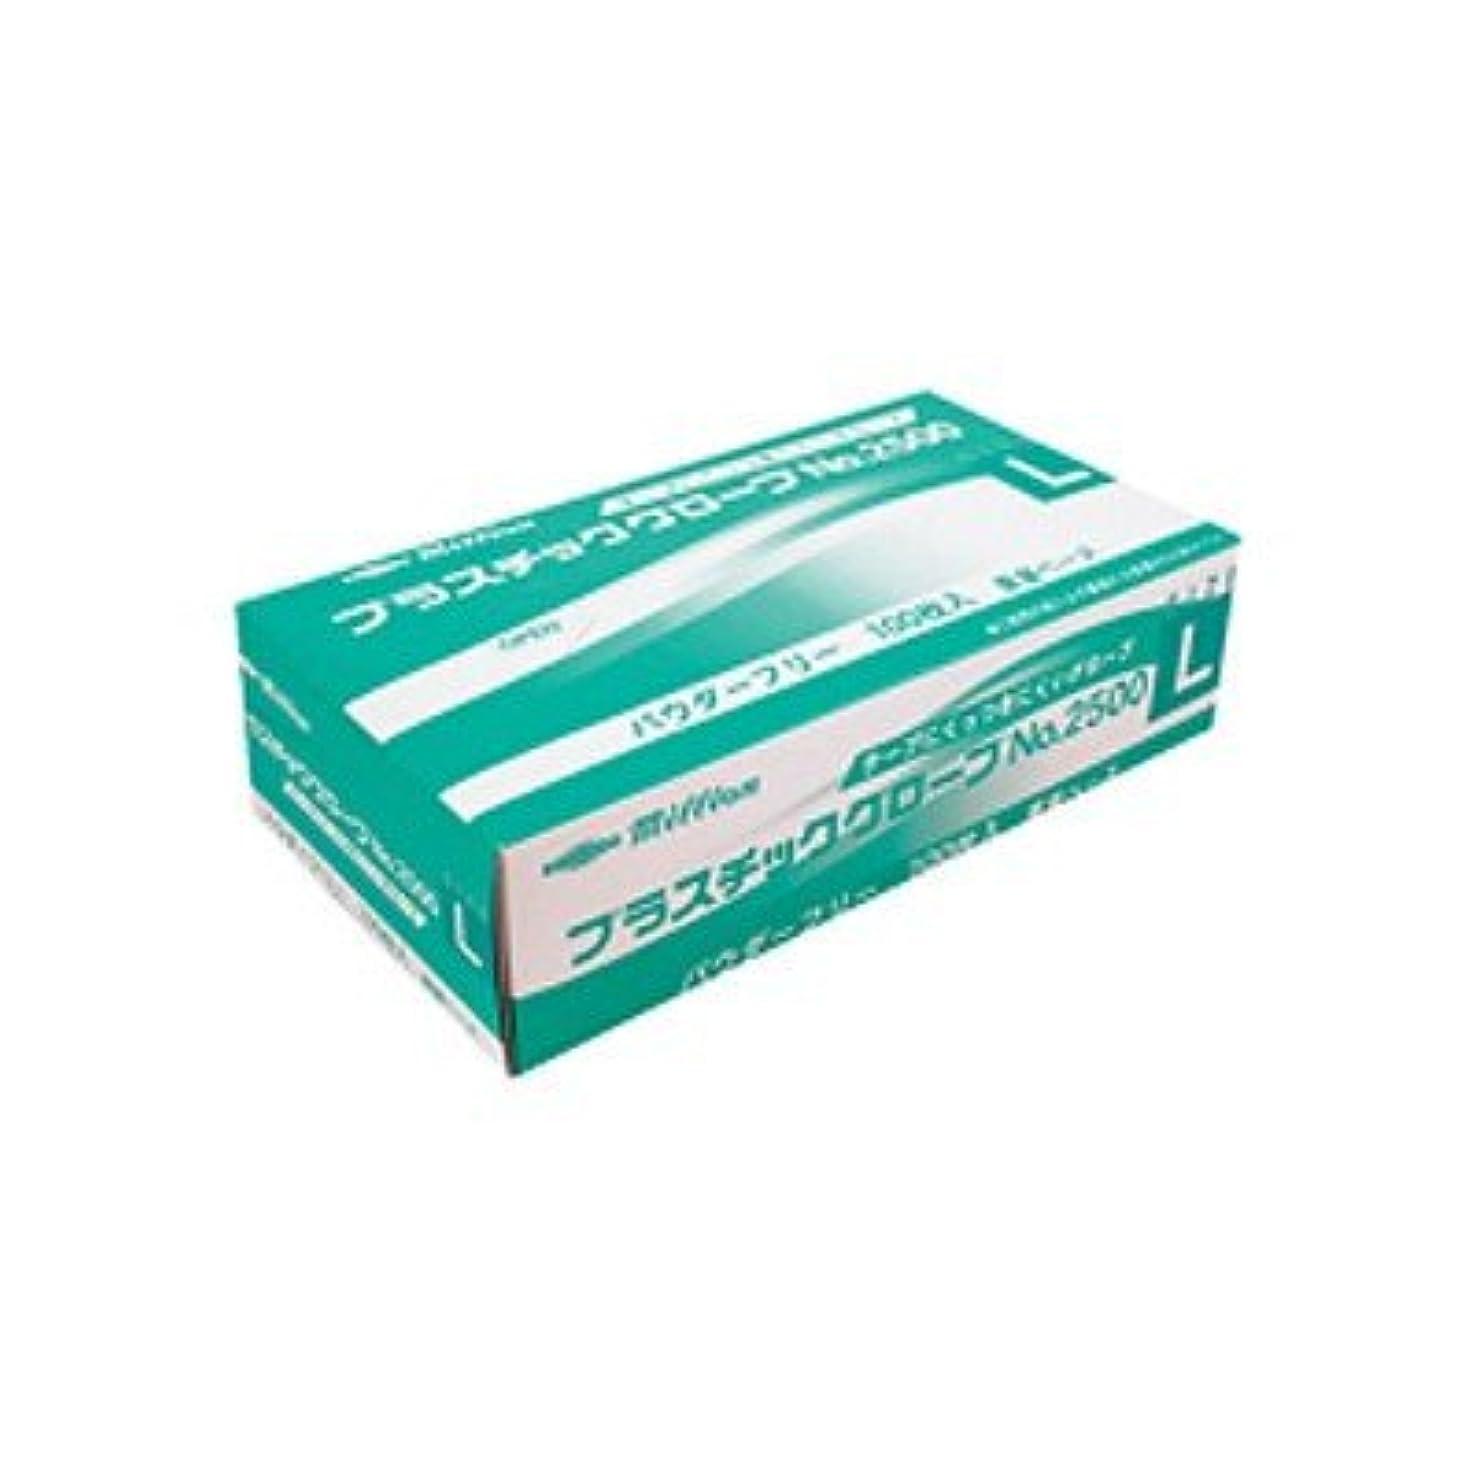 寂しい薬理学雇用ミリオン プラスチック手袋 粉無No.2500 L 品番:LH-2500-L 注文番号:62741651 メーカー:共和